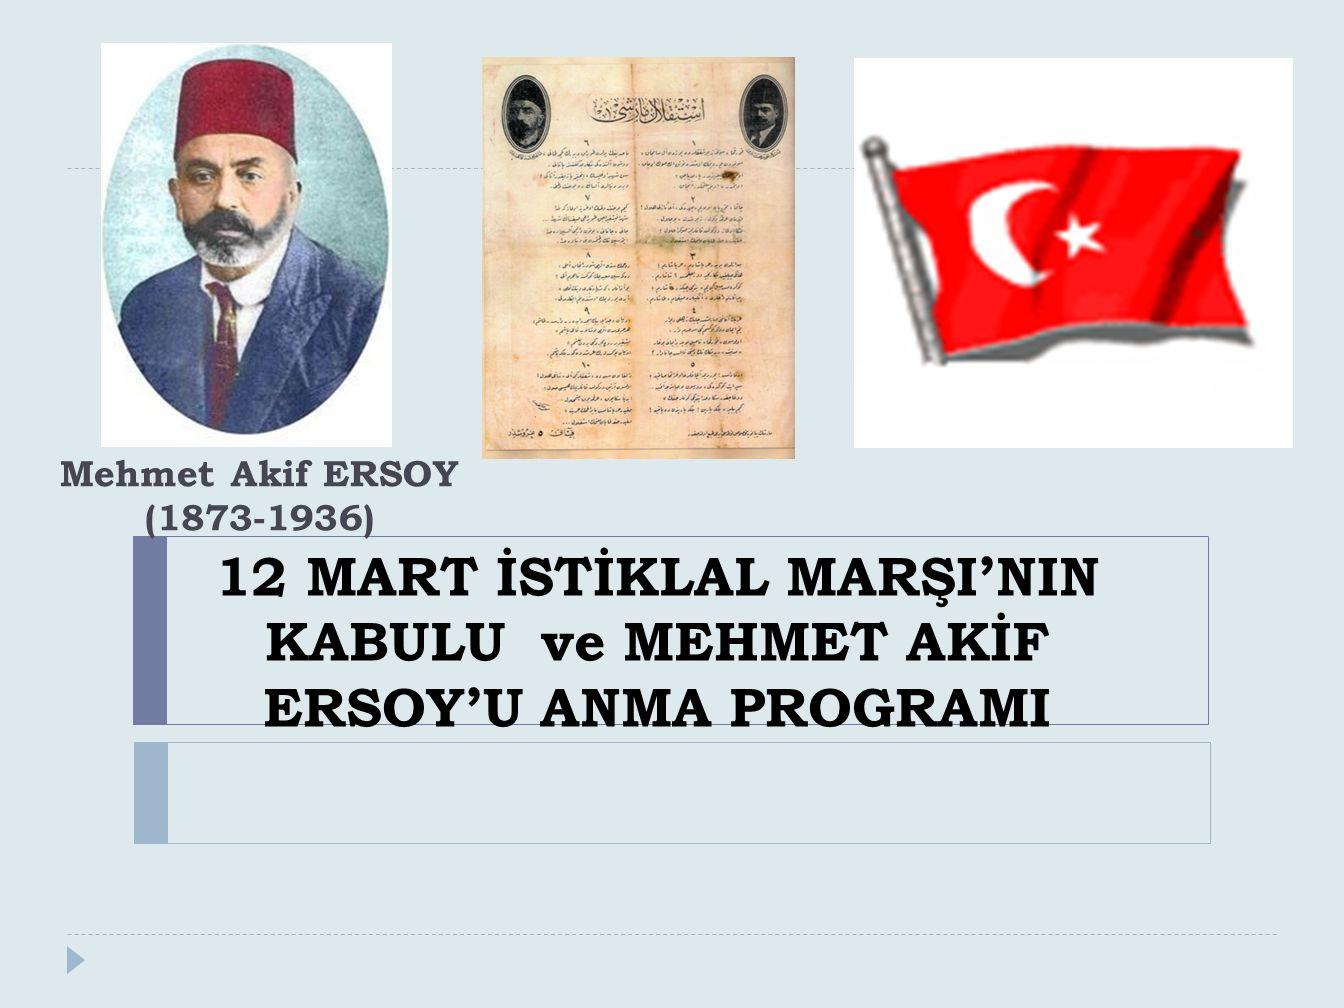 12 MART İSTİKLAL MARŞI'NIN KABULU ve MEHMET AKİF ERSOY'U ANMA PROGRAMI Mehmet Akif ERSOY (1873-1936)